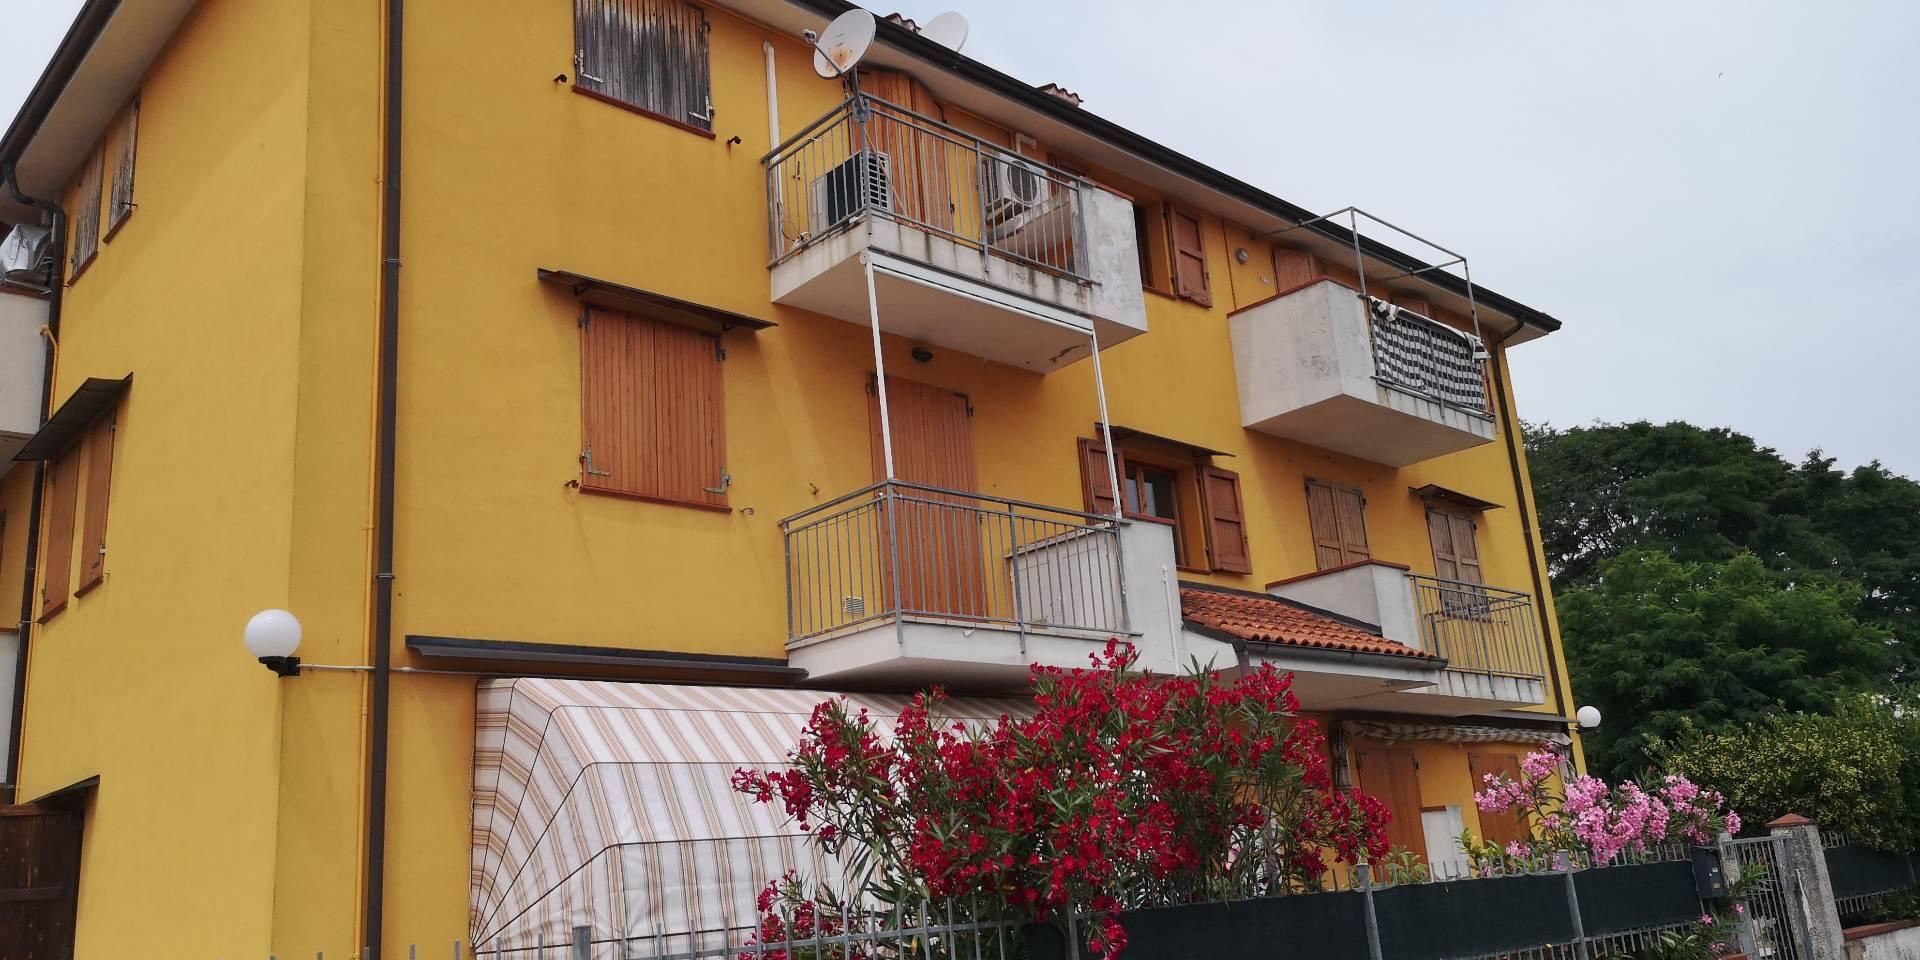 Appartamento in vendita a Comacchio, 3 locali, zona Località: LidodiPomposa, prezzo € 73.000   PortaleAgenzieImmobiliari.it